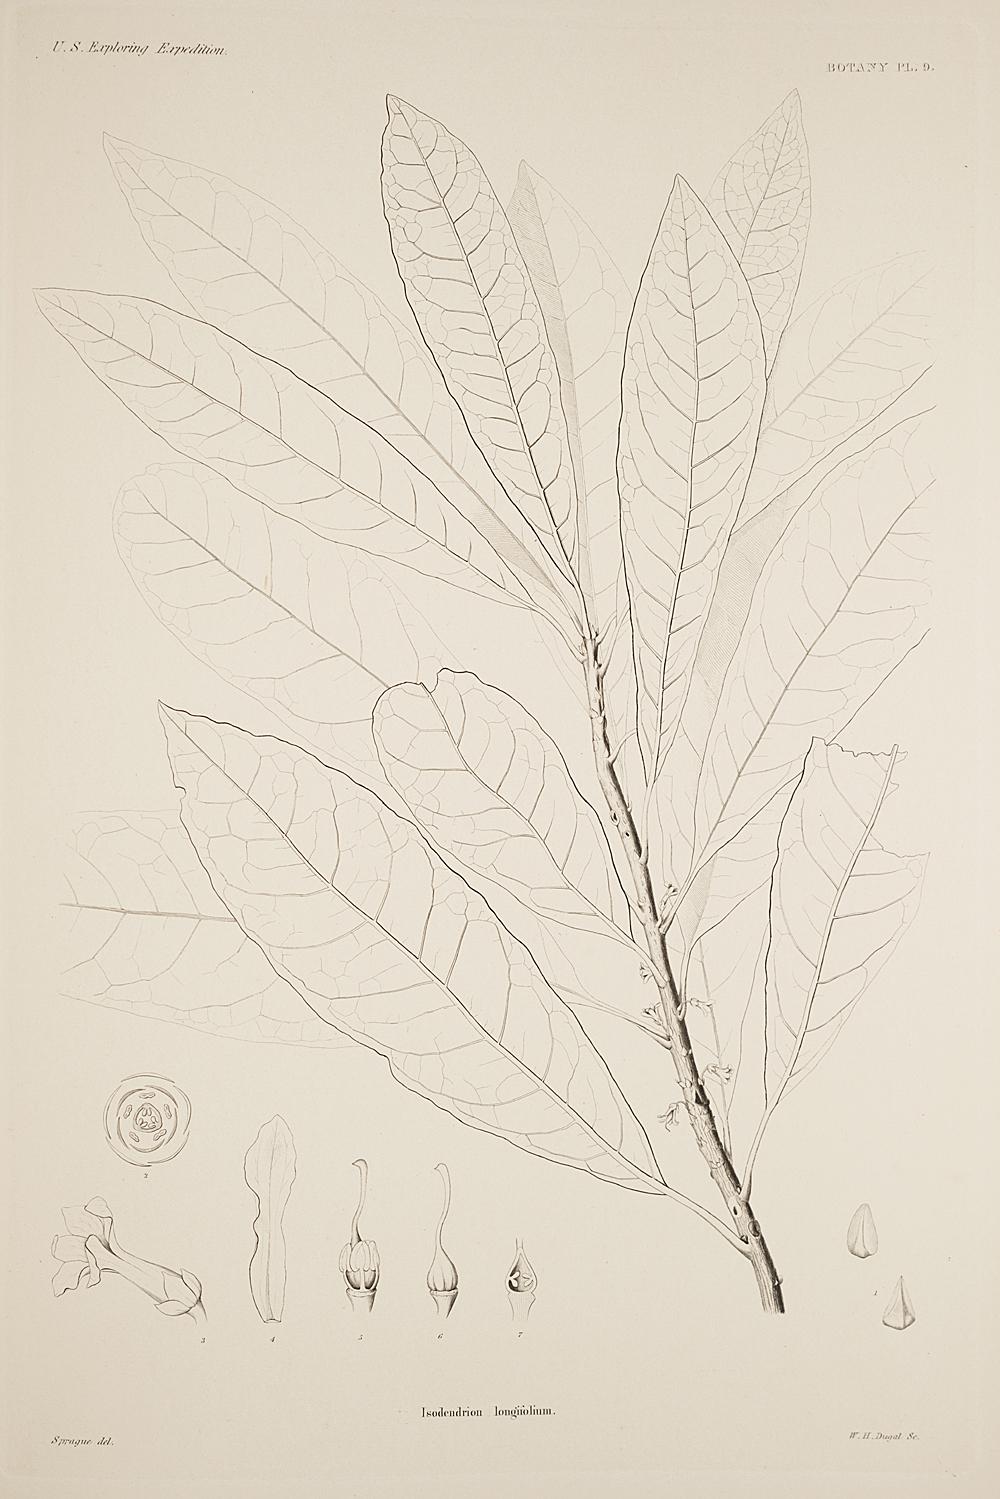 Botany, Pl. 9,  Image number:sil19-23-029b